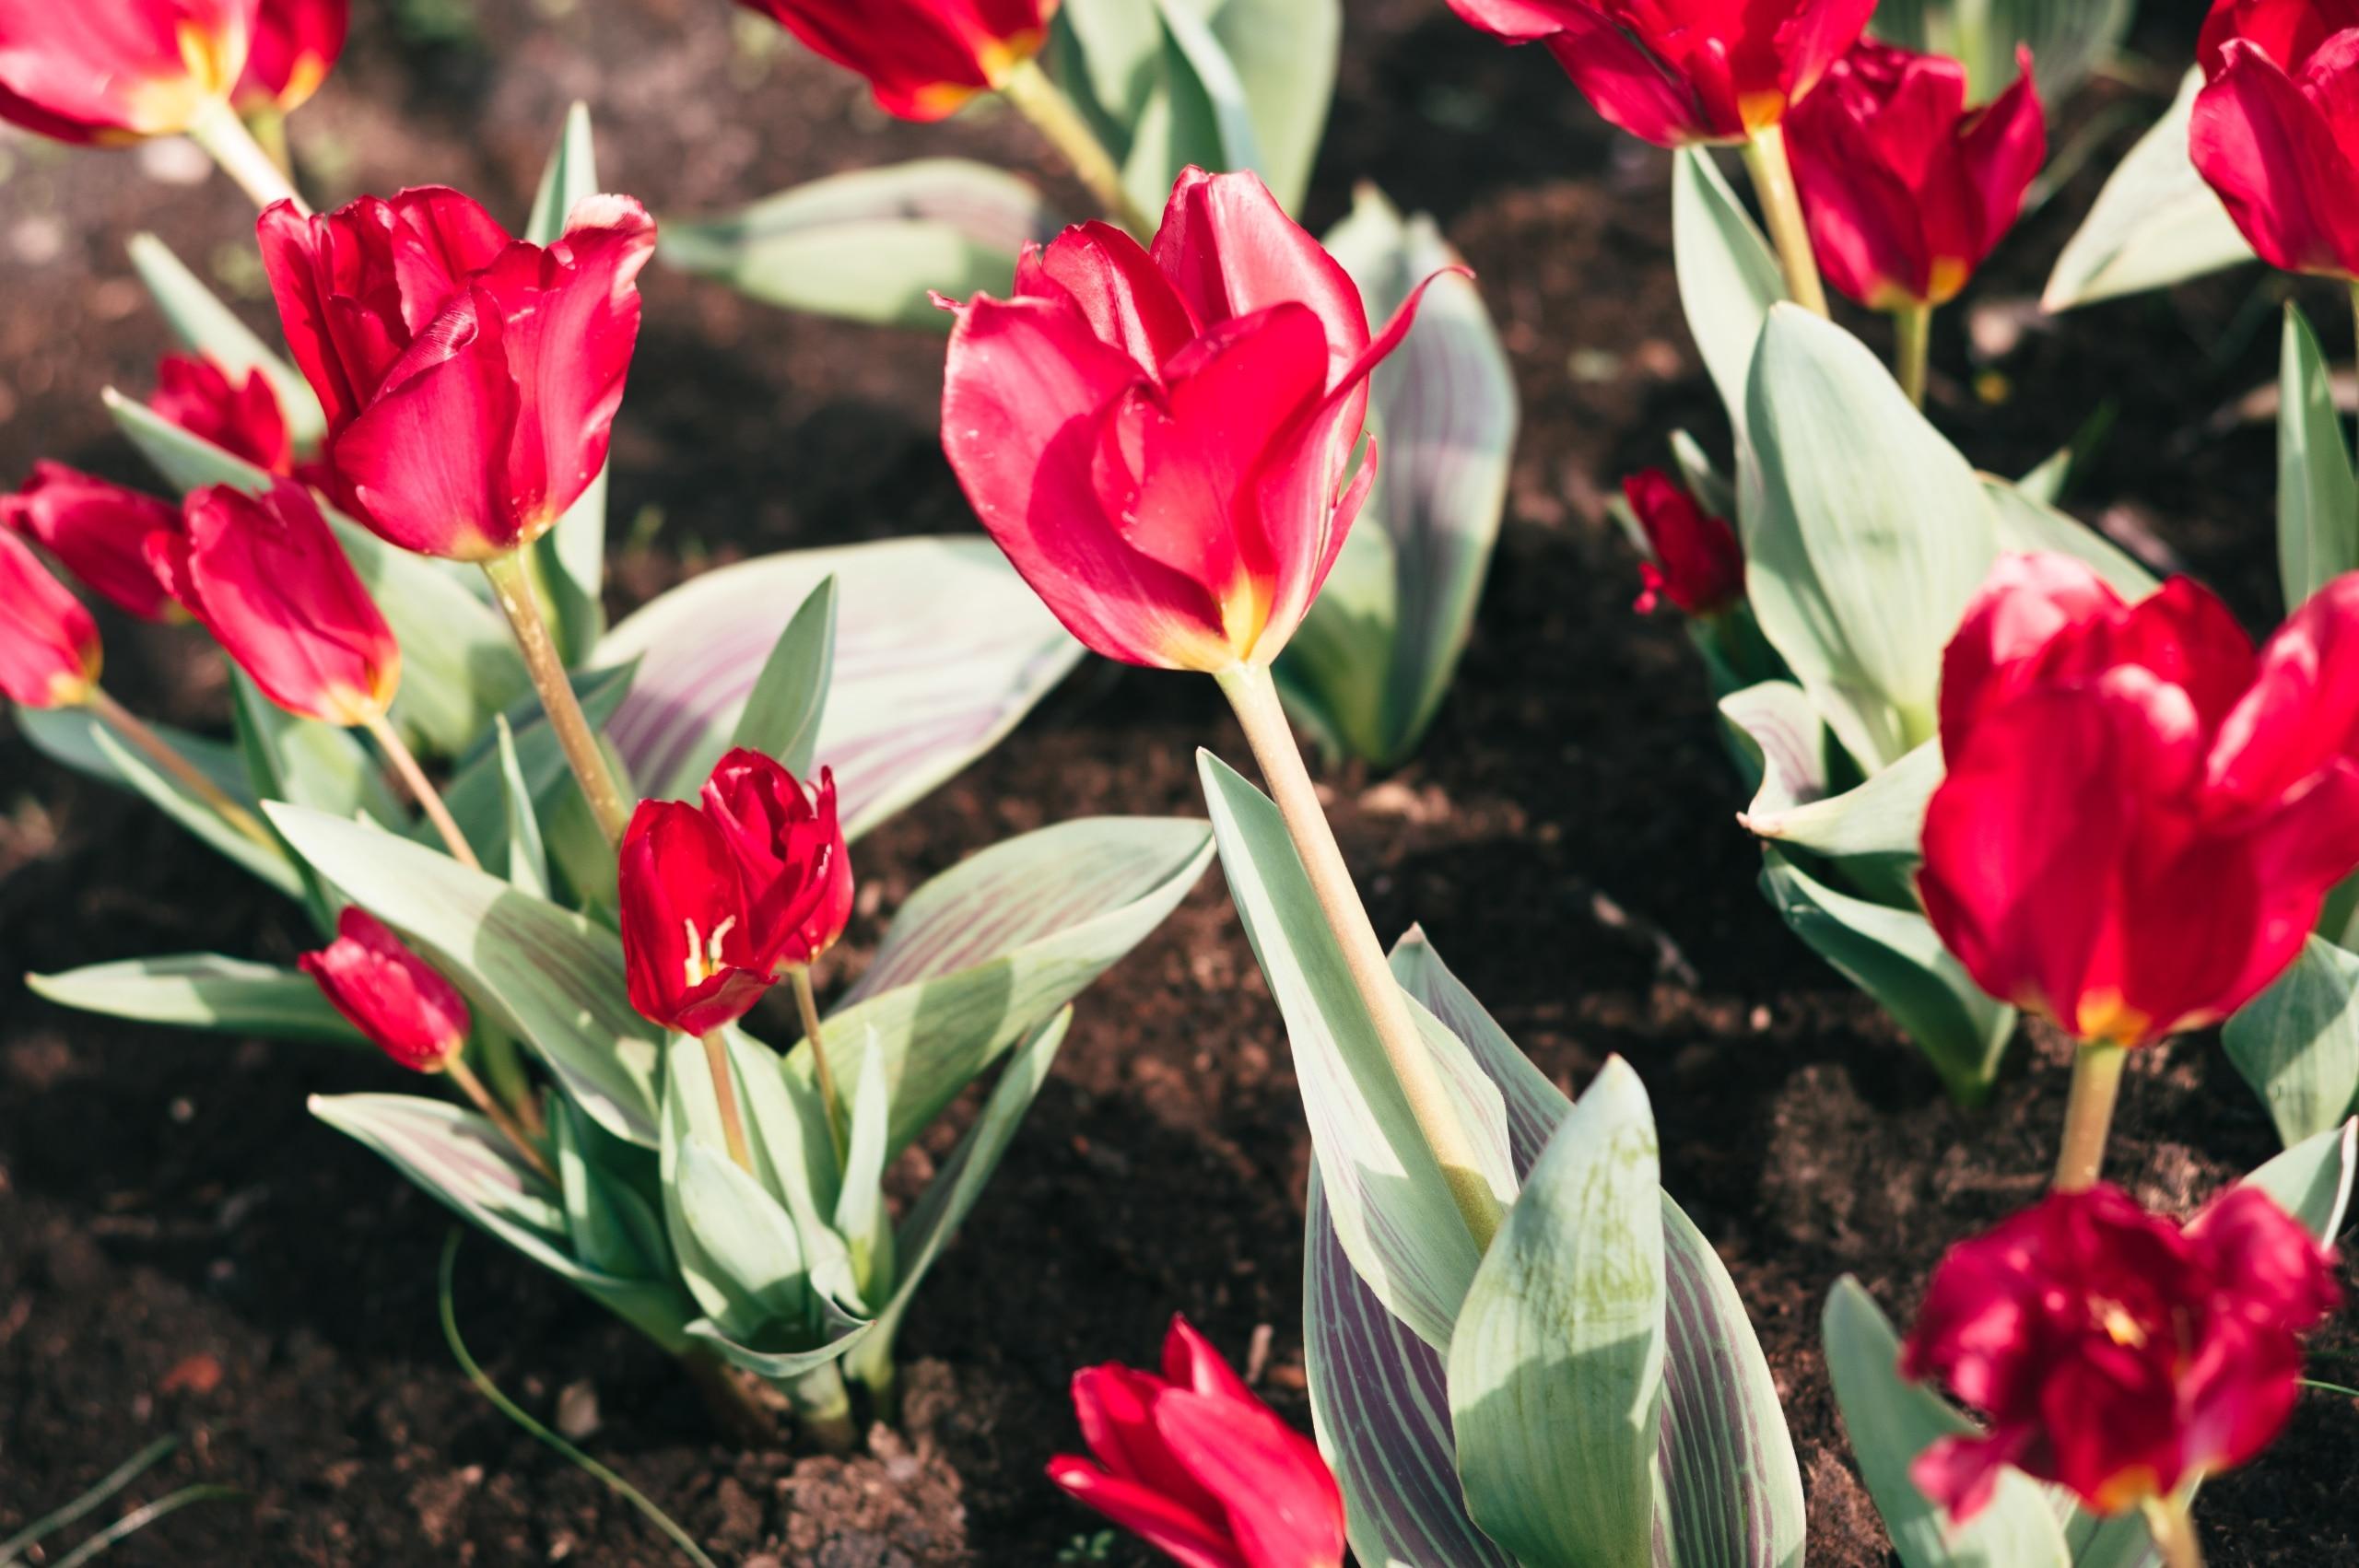 Pavasarinės tulpės - Vilmantas Ramonas